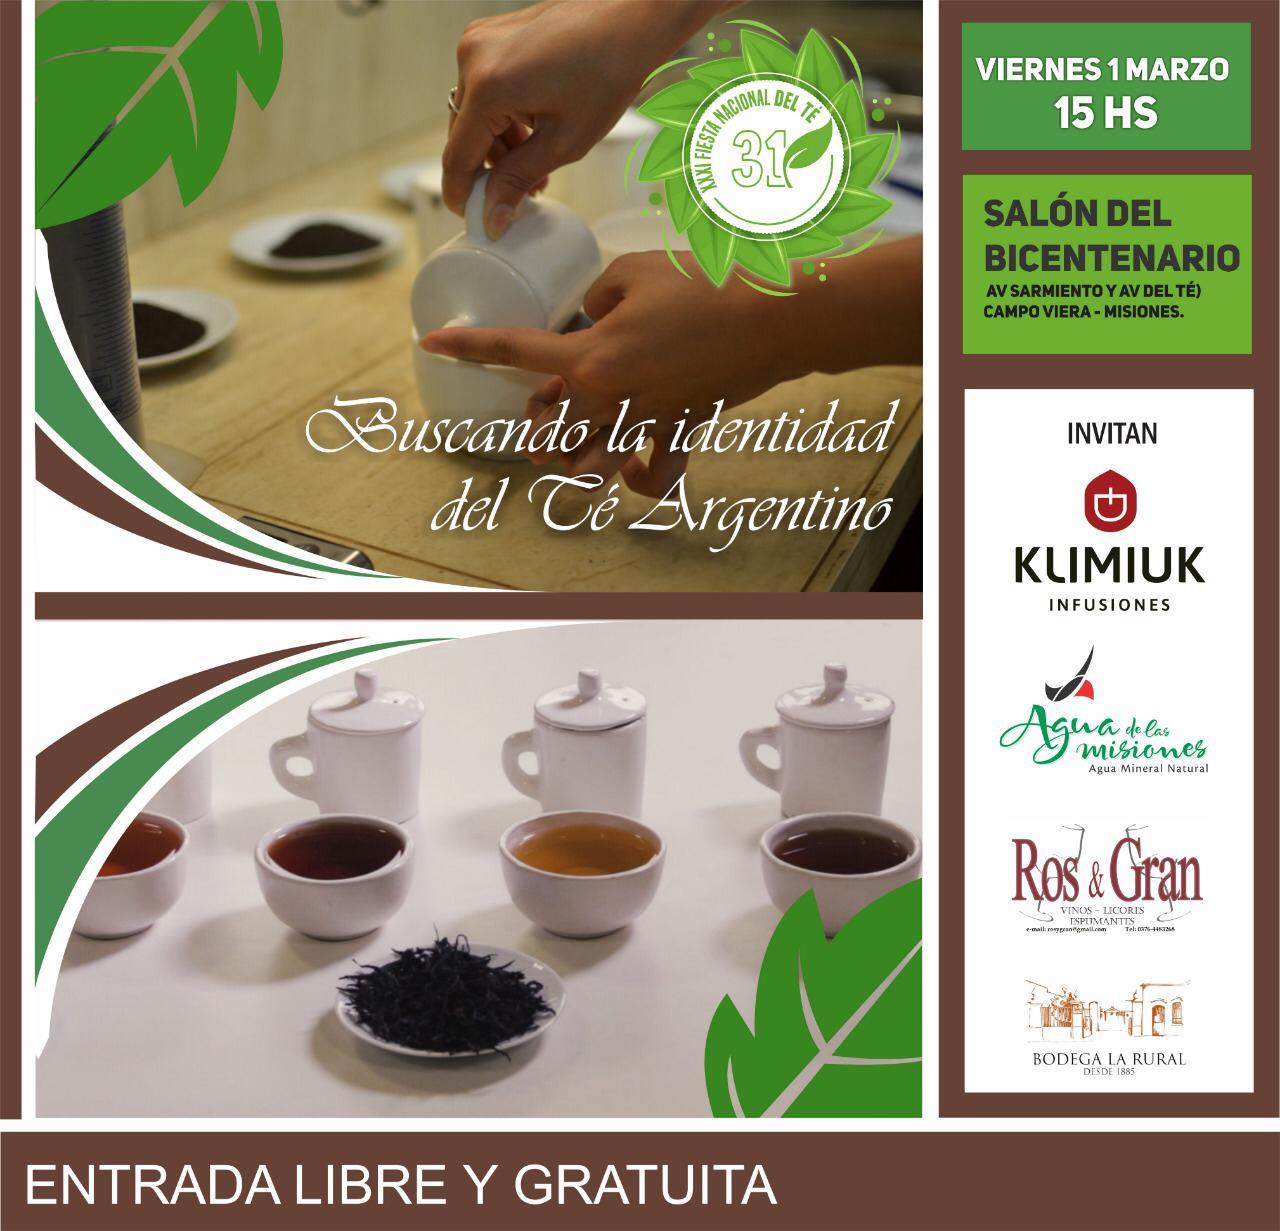 Expertos realizarán una cata sensorial de Té Argentino en Campo Viera